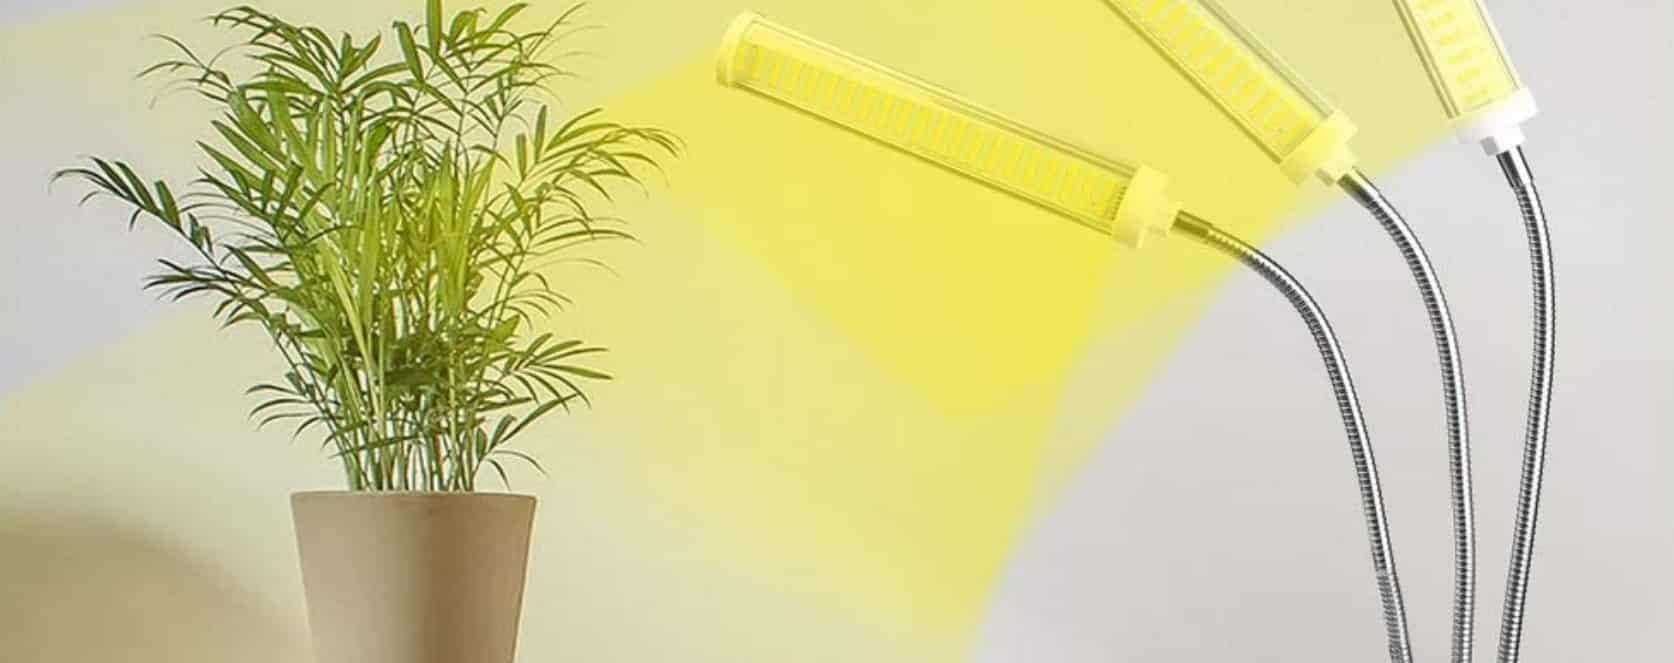 Comparatif pour choisir la meilleure lampe horticole